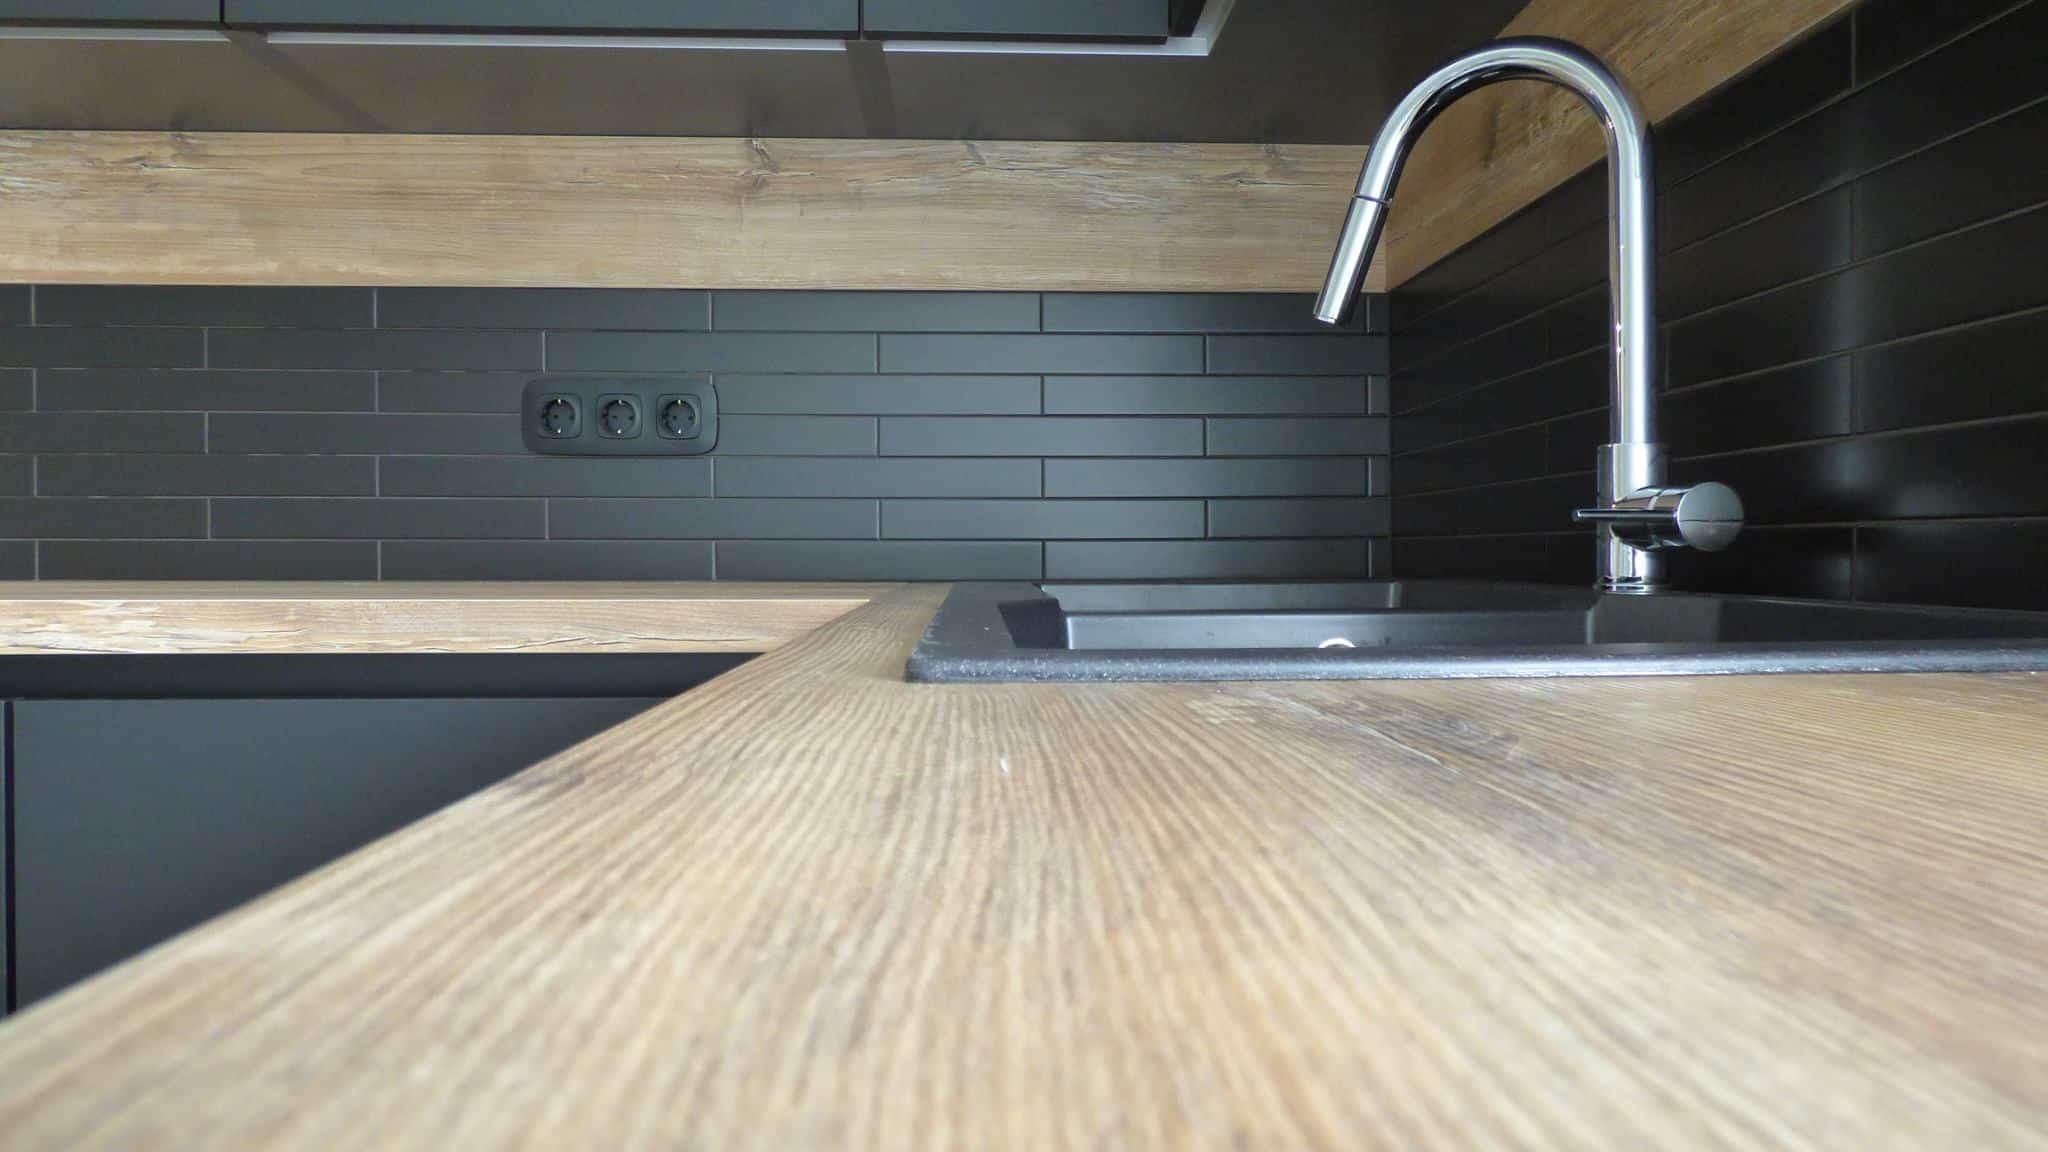 Επιπλα Κουζινας nero ingo 29